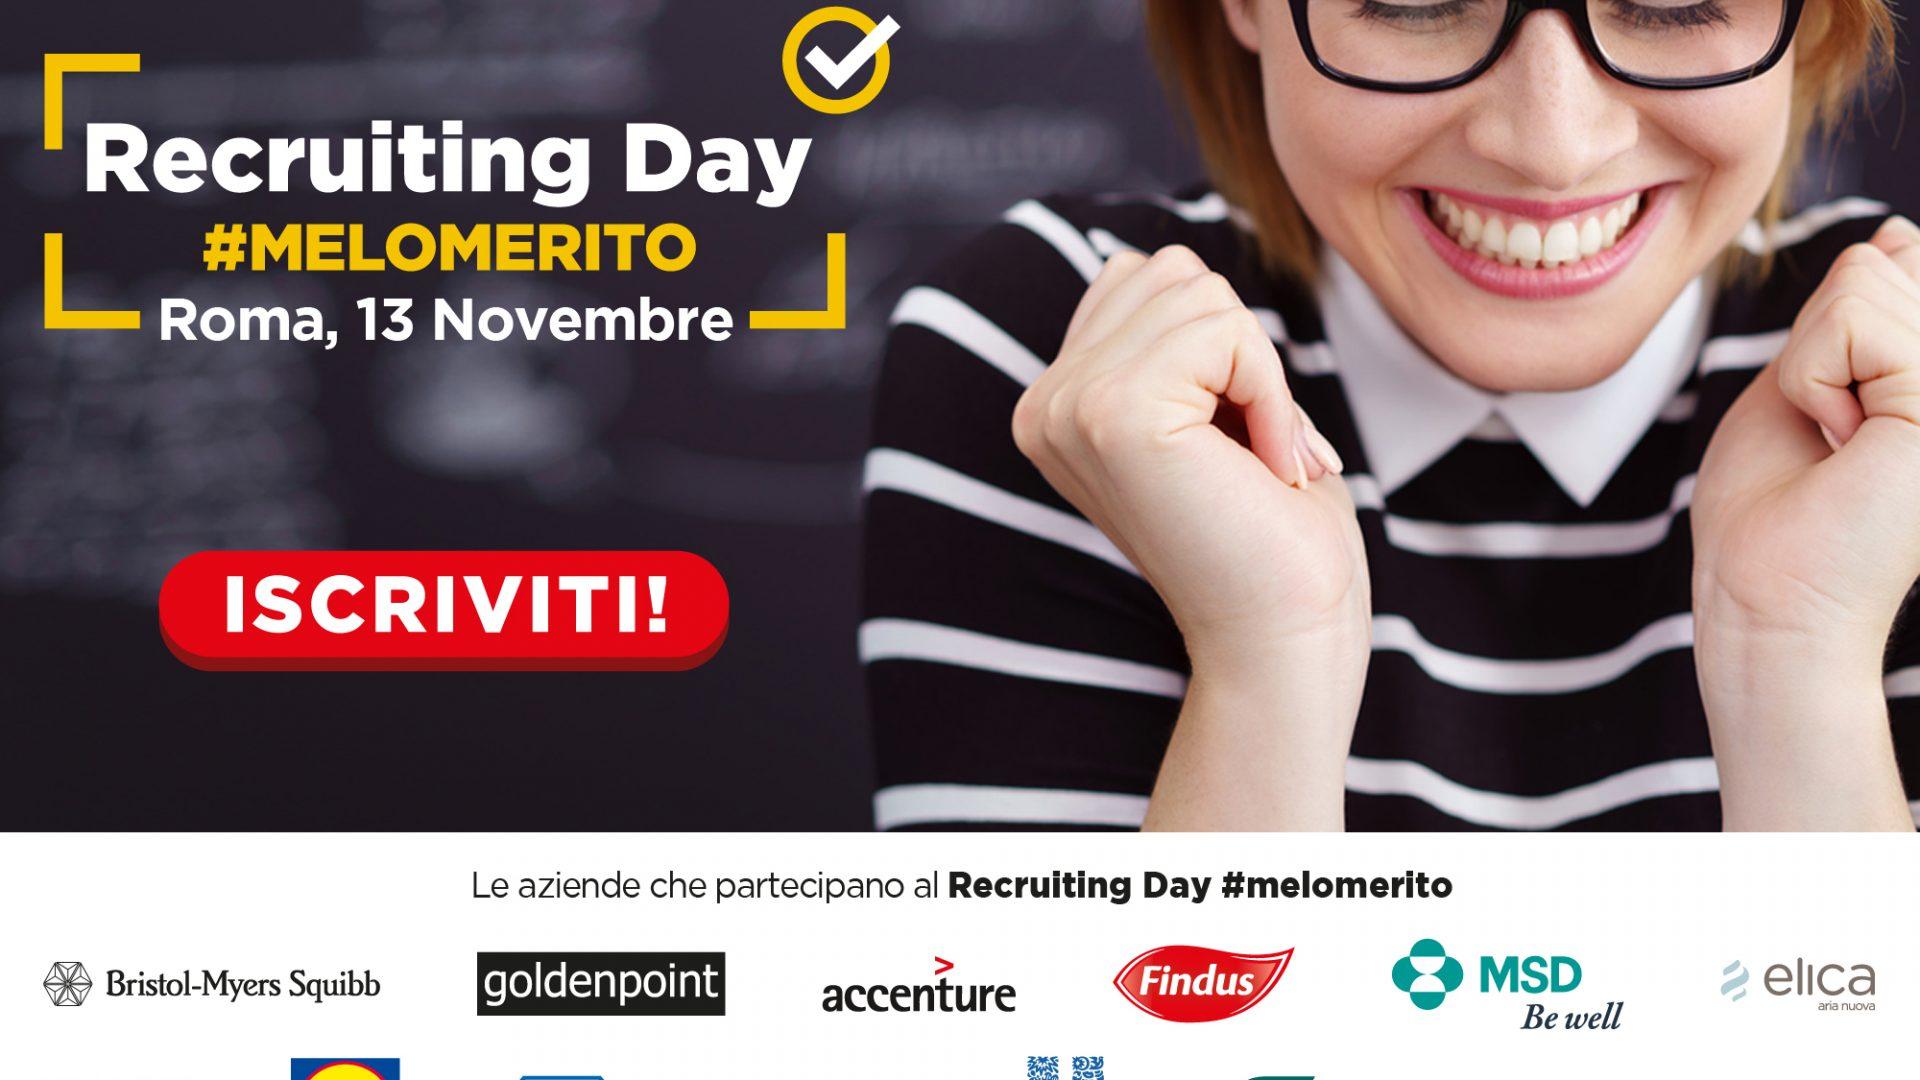 Il lavoro incontra il merito: a Roma arriva il recruting day #melomerito (con 25 multinazionali presenti)